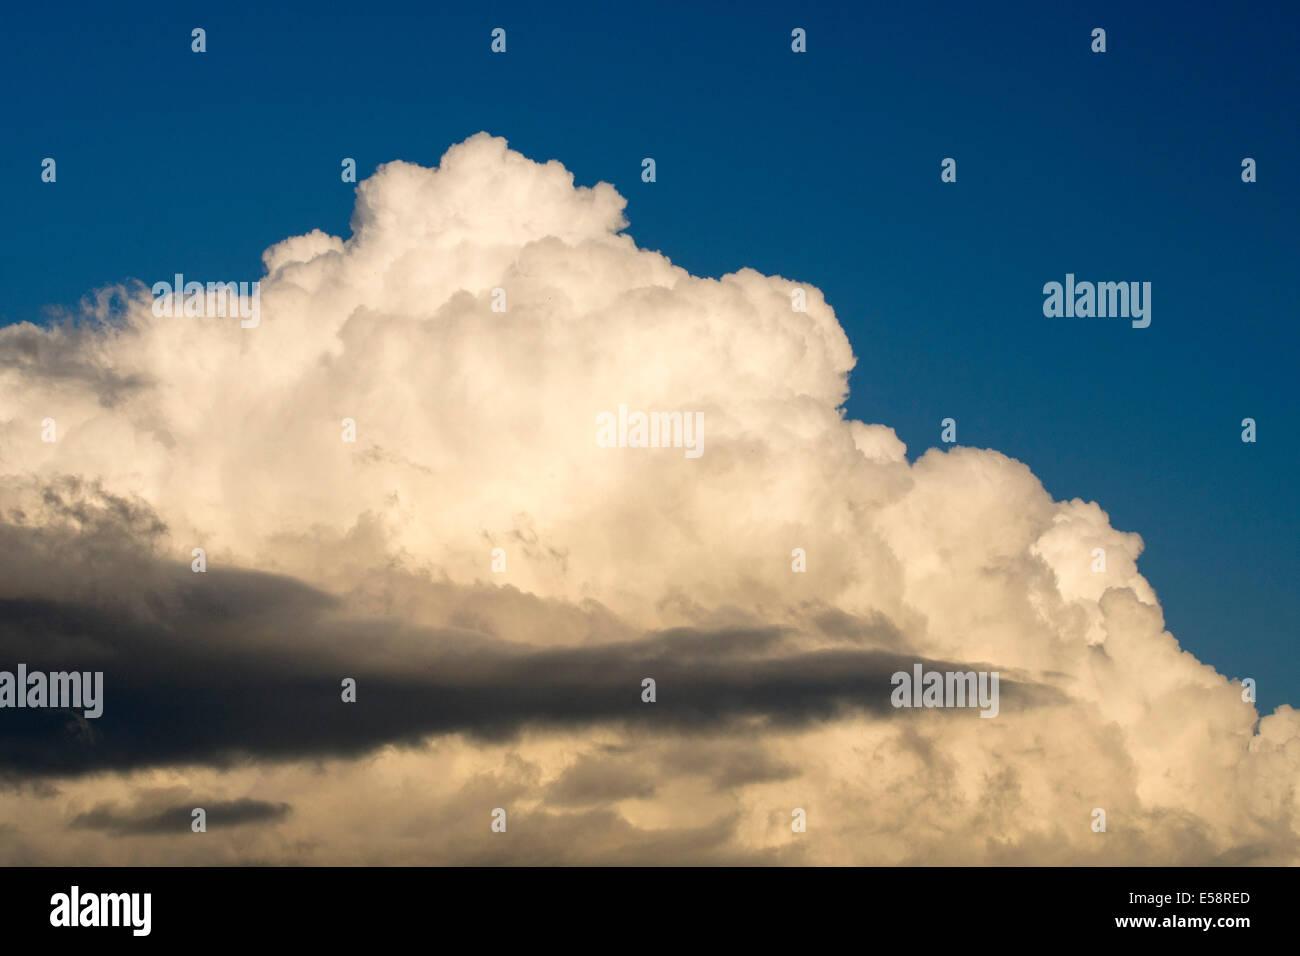 cumulo nimbus clouds over cumbria uk stock photo 72108805 alamy